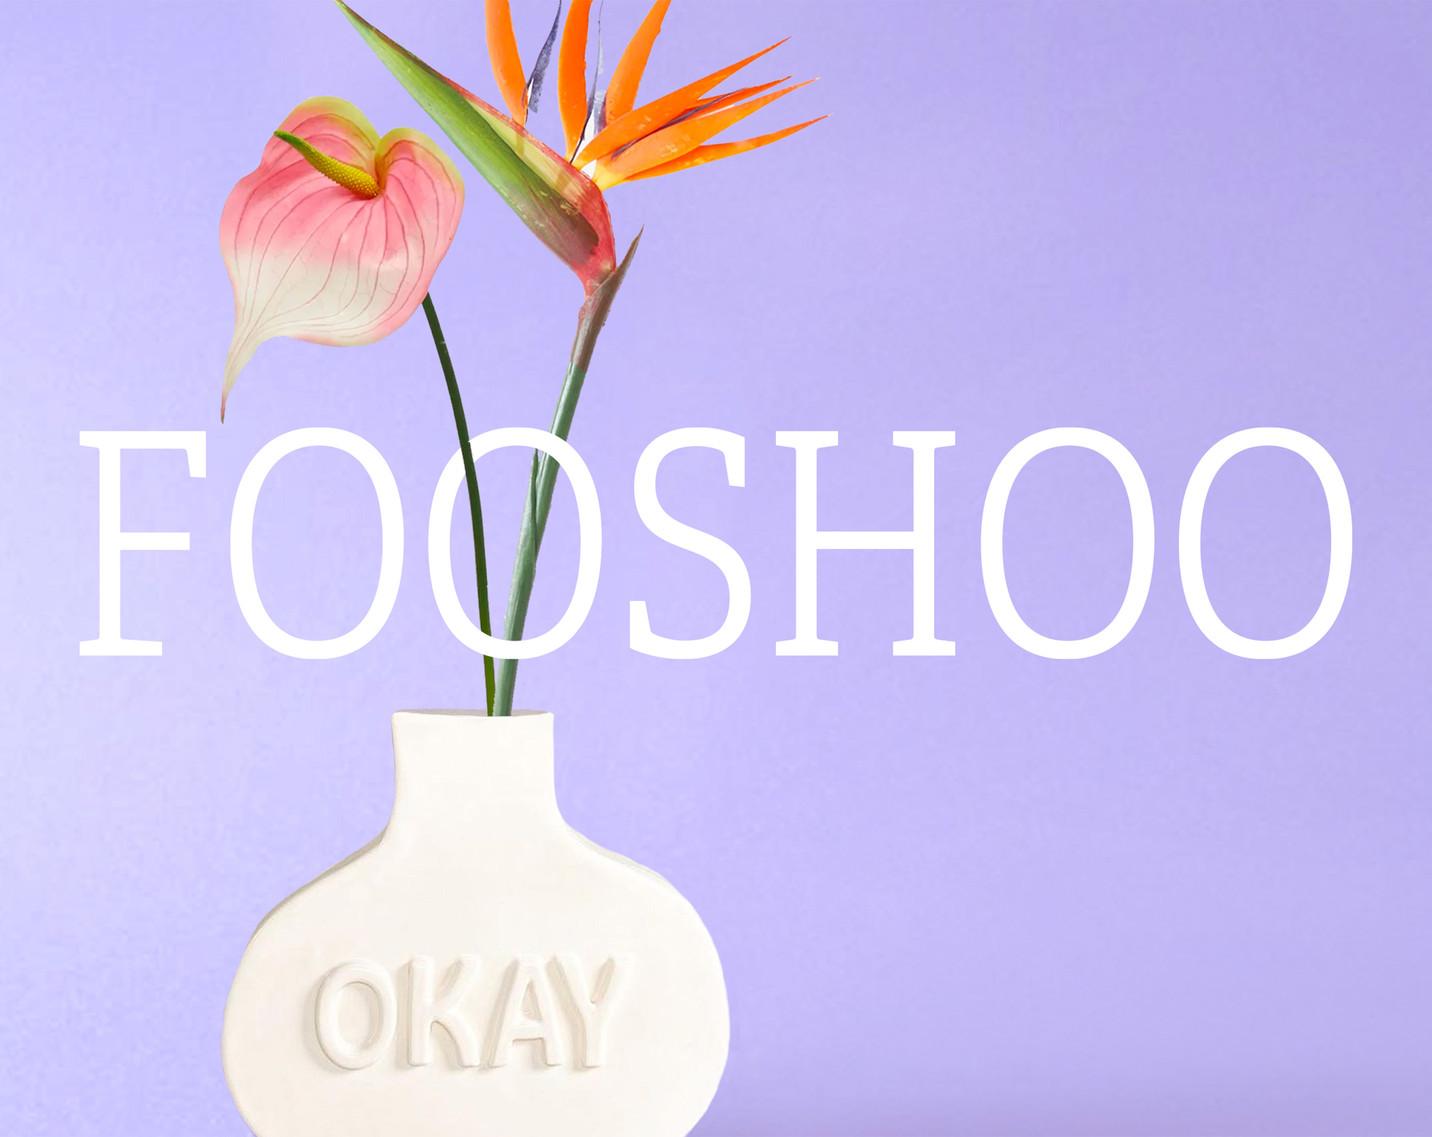 FOOSHOO_1.jpg